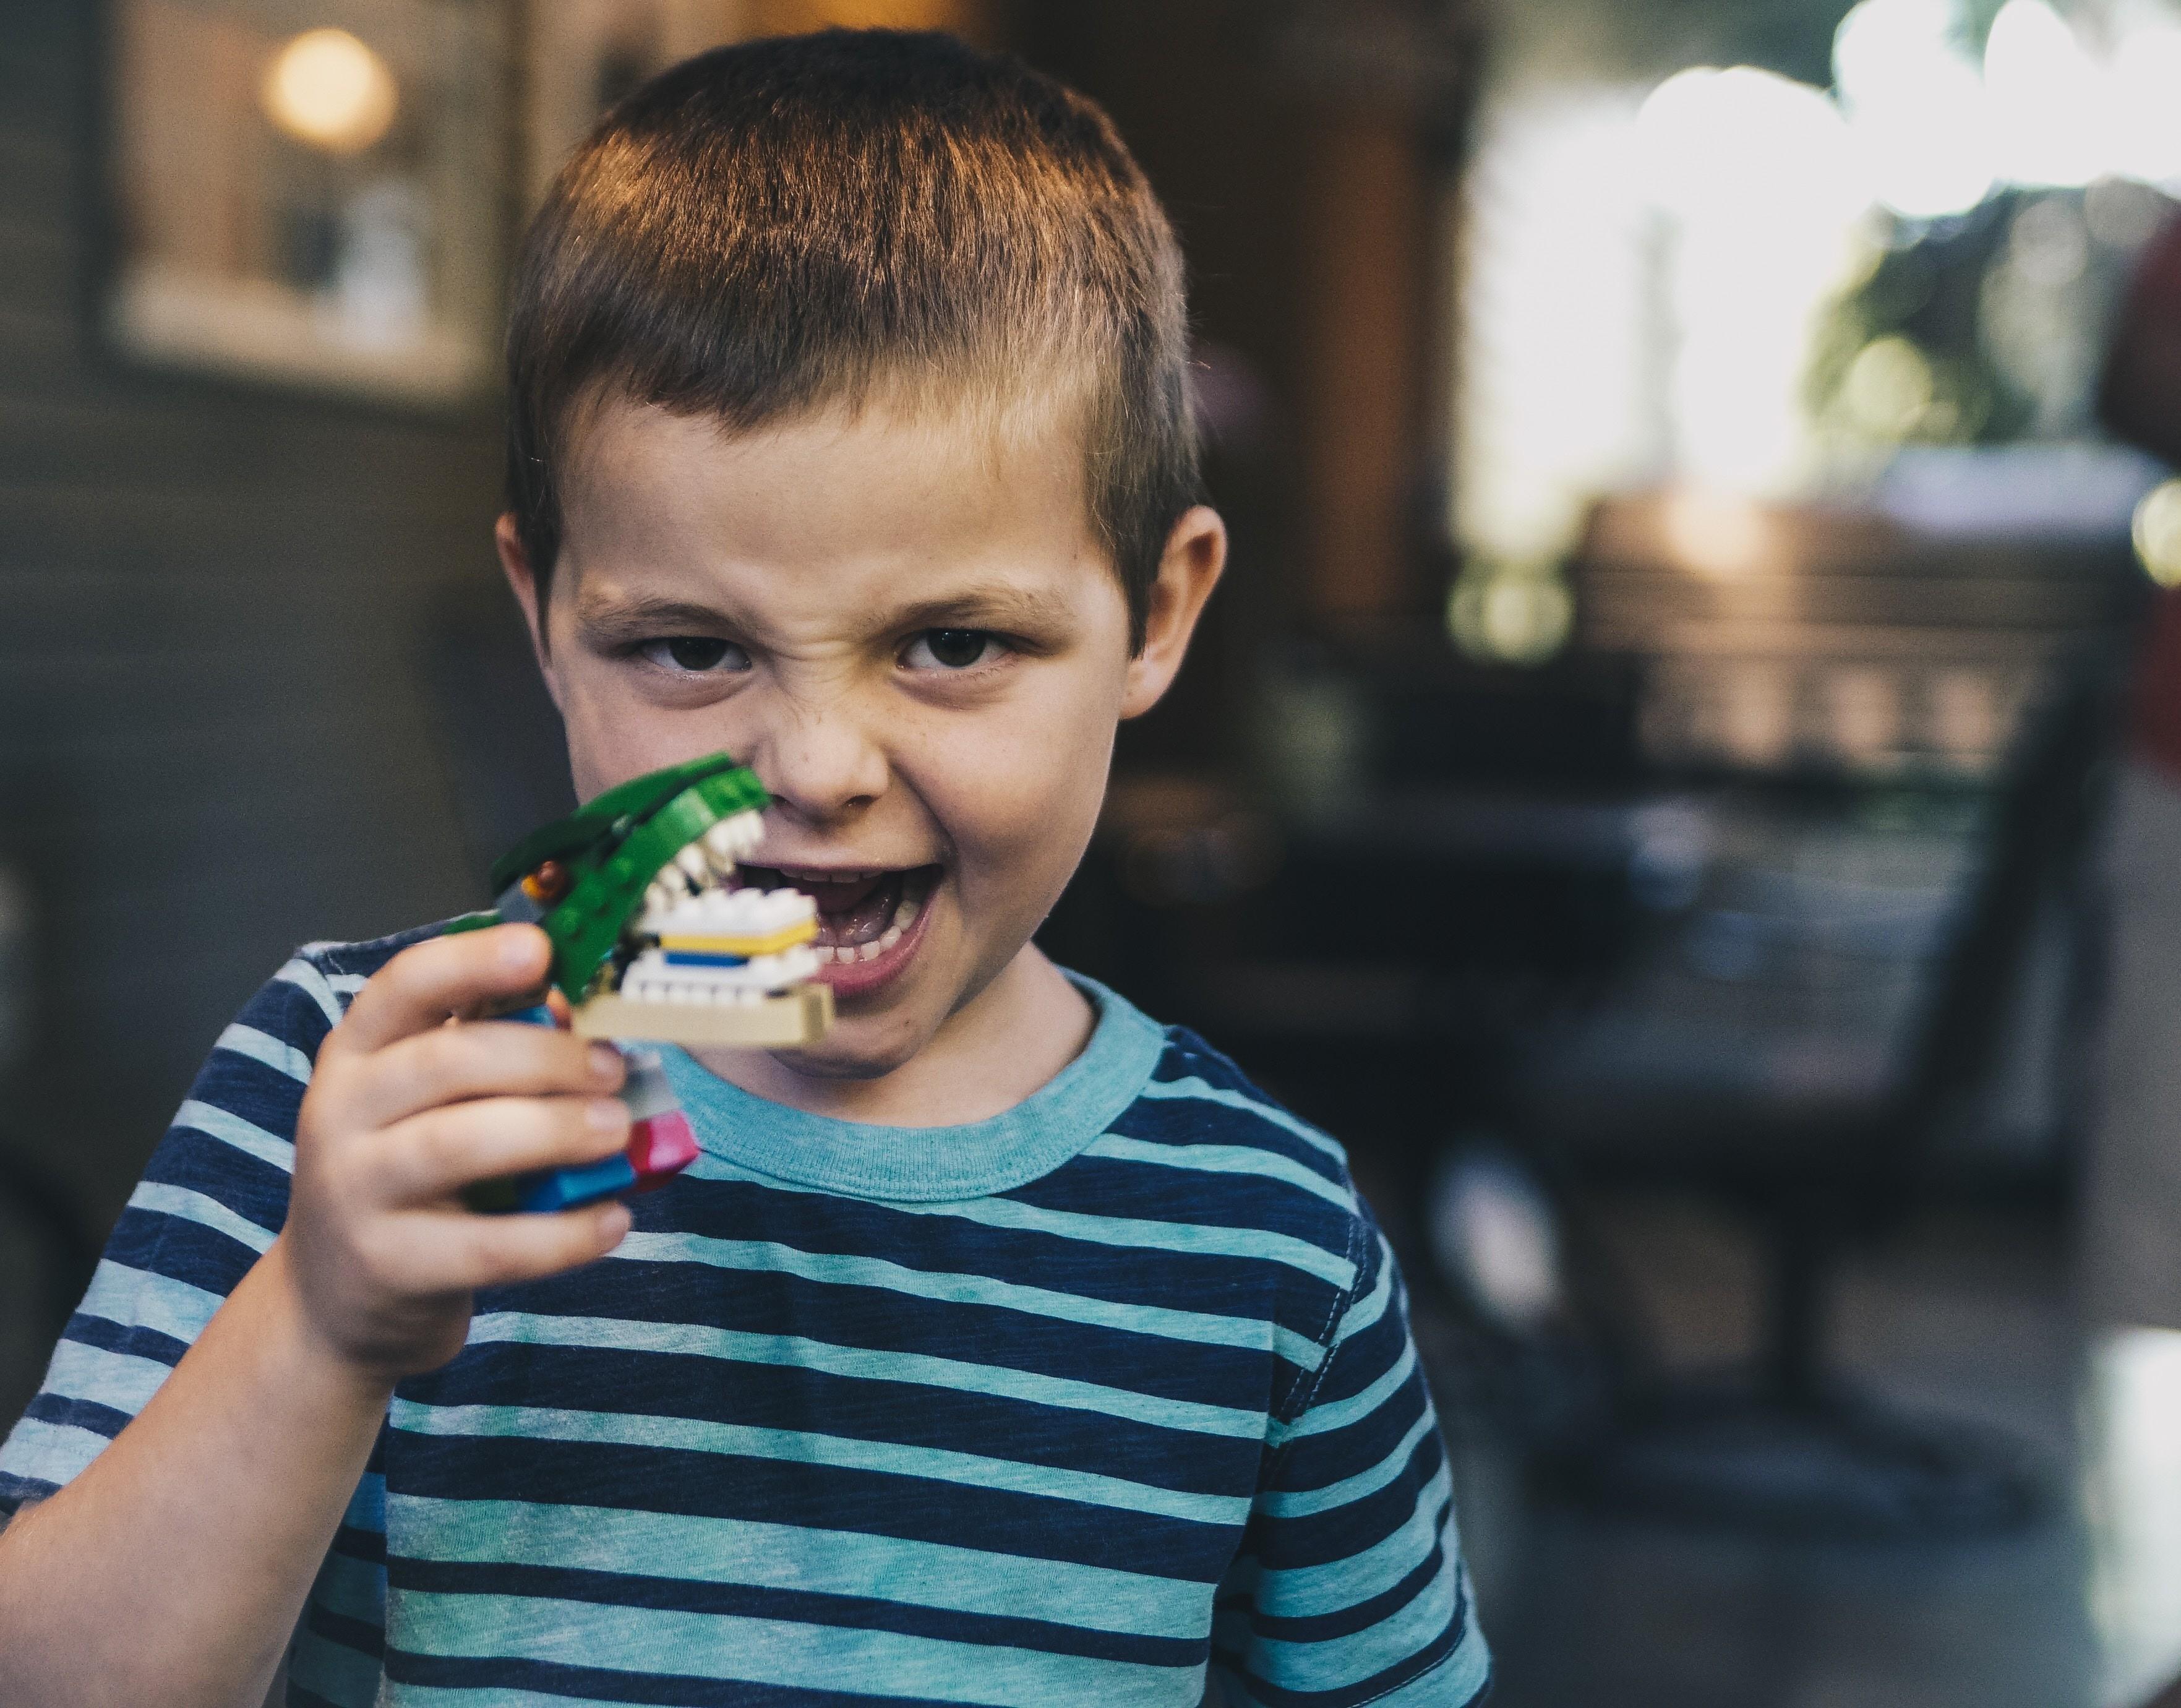 Как научить ребенка убирать игрушки: 10 элементарных шагов к порядку